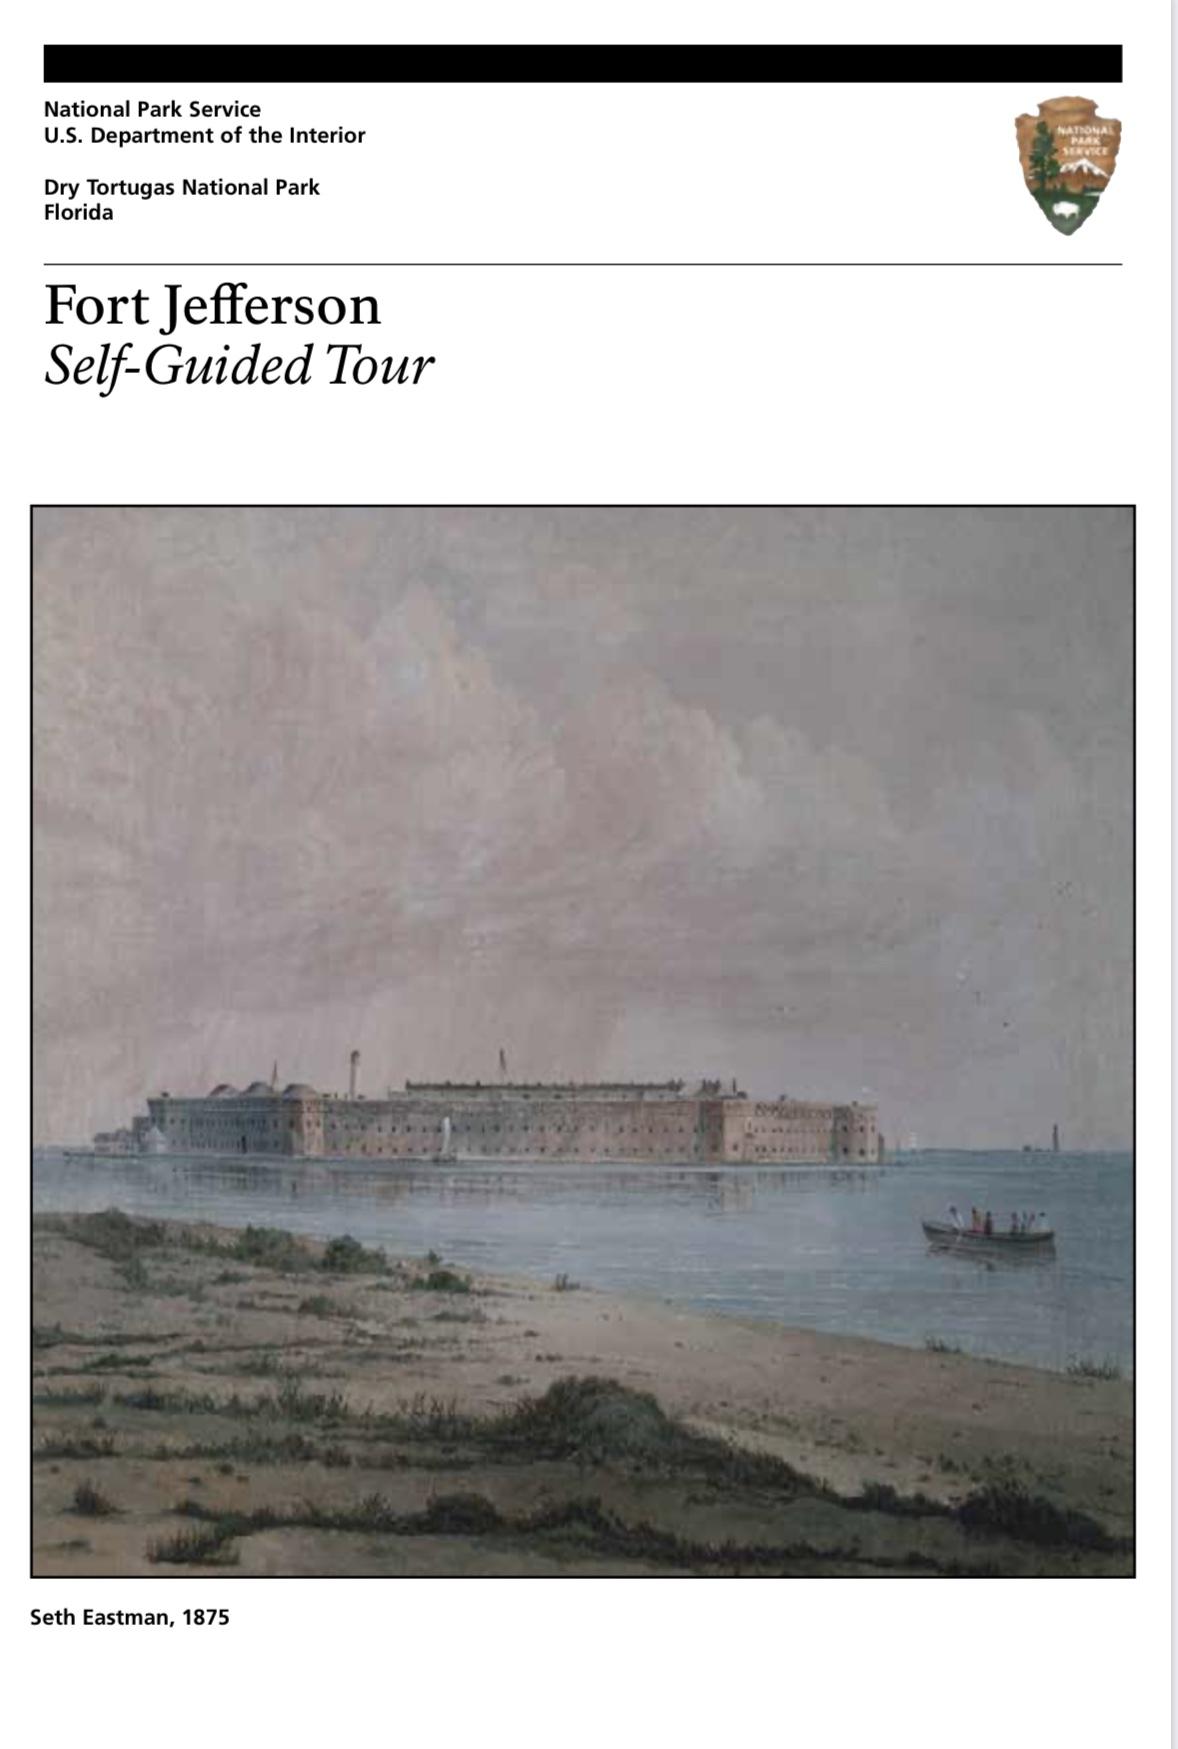 Fort Jefferson Tour-National Park Service